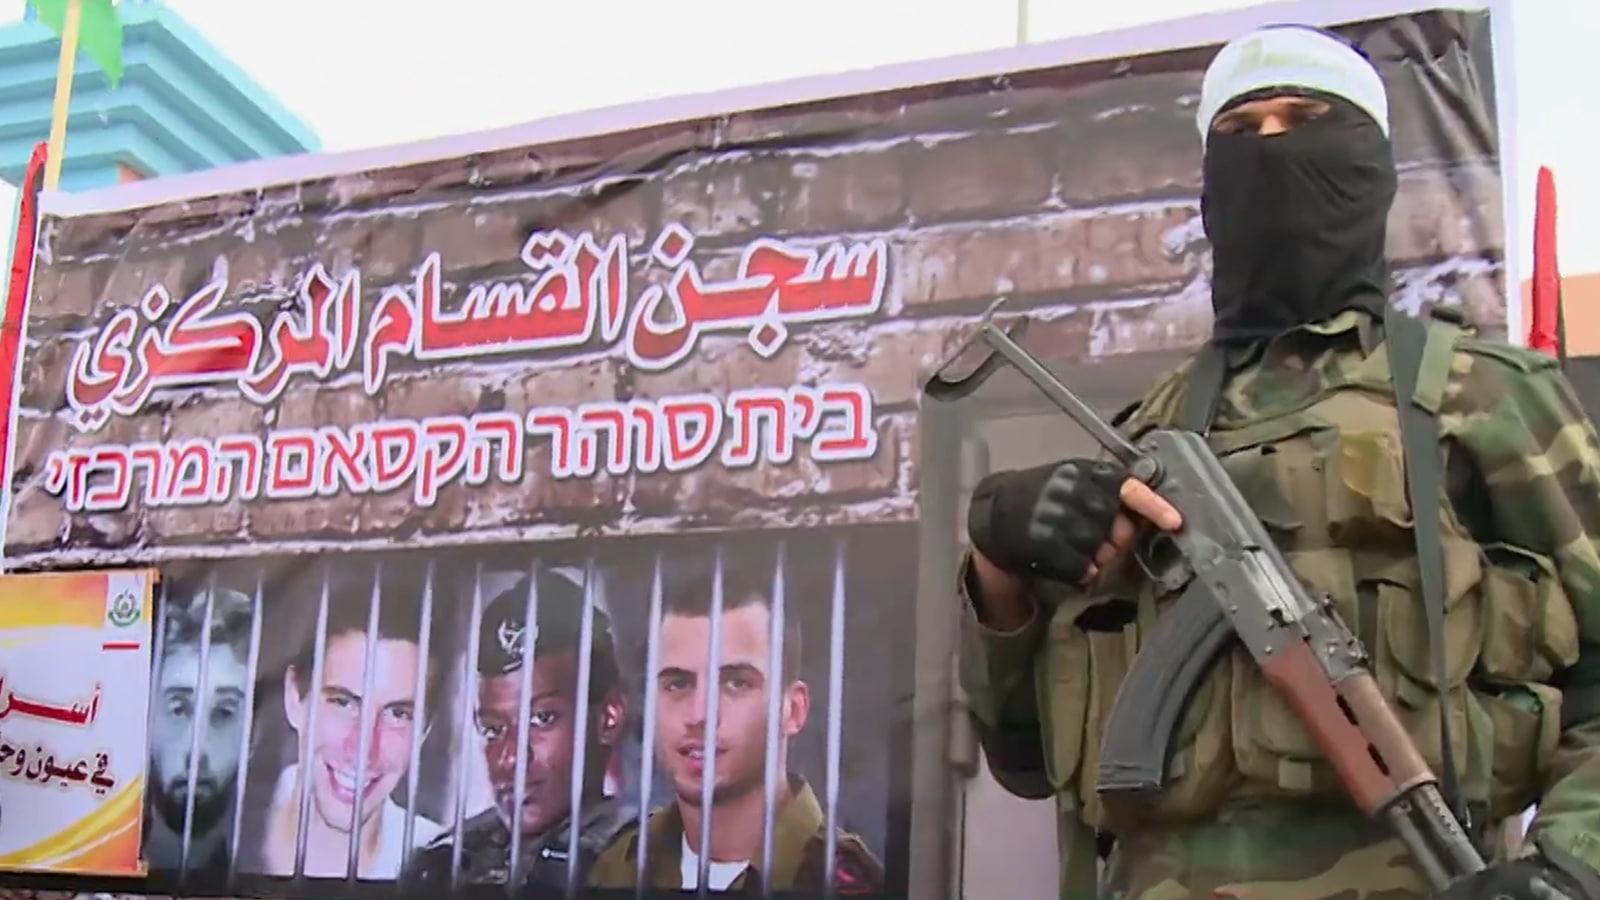 أسرى اسرائيل في غزة- صفقة الاسرى